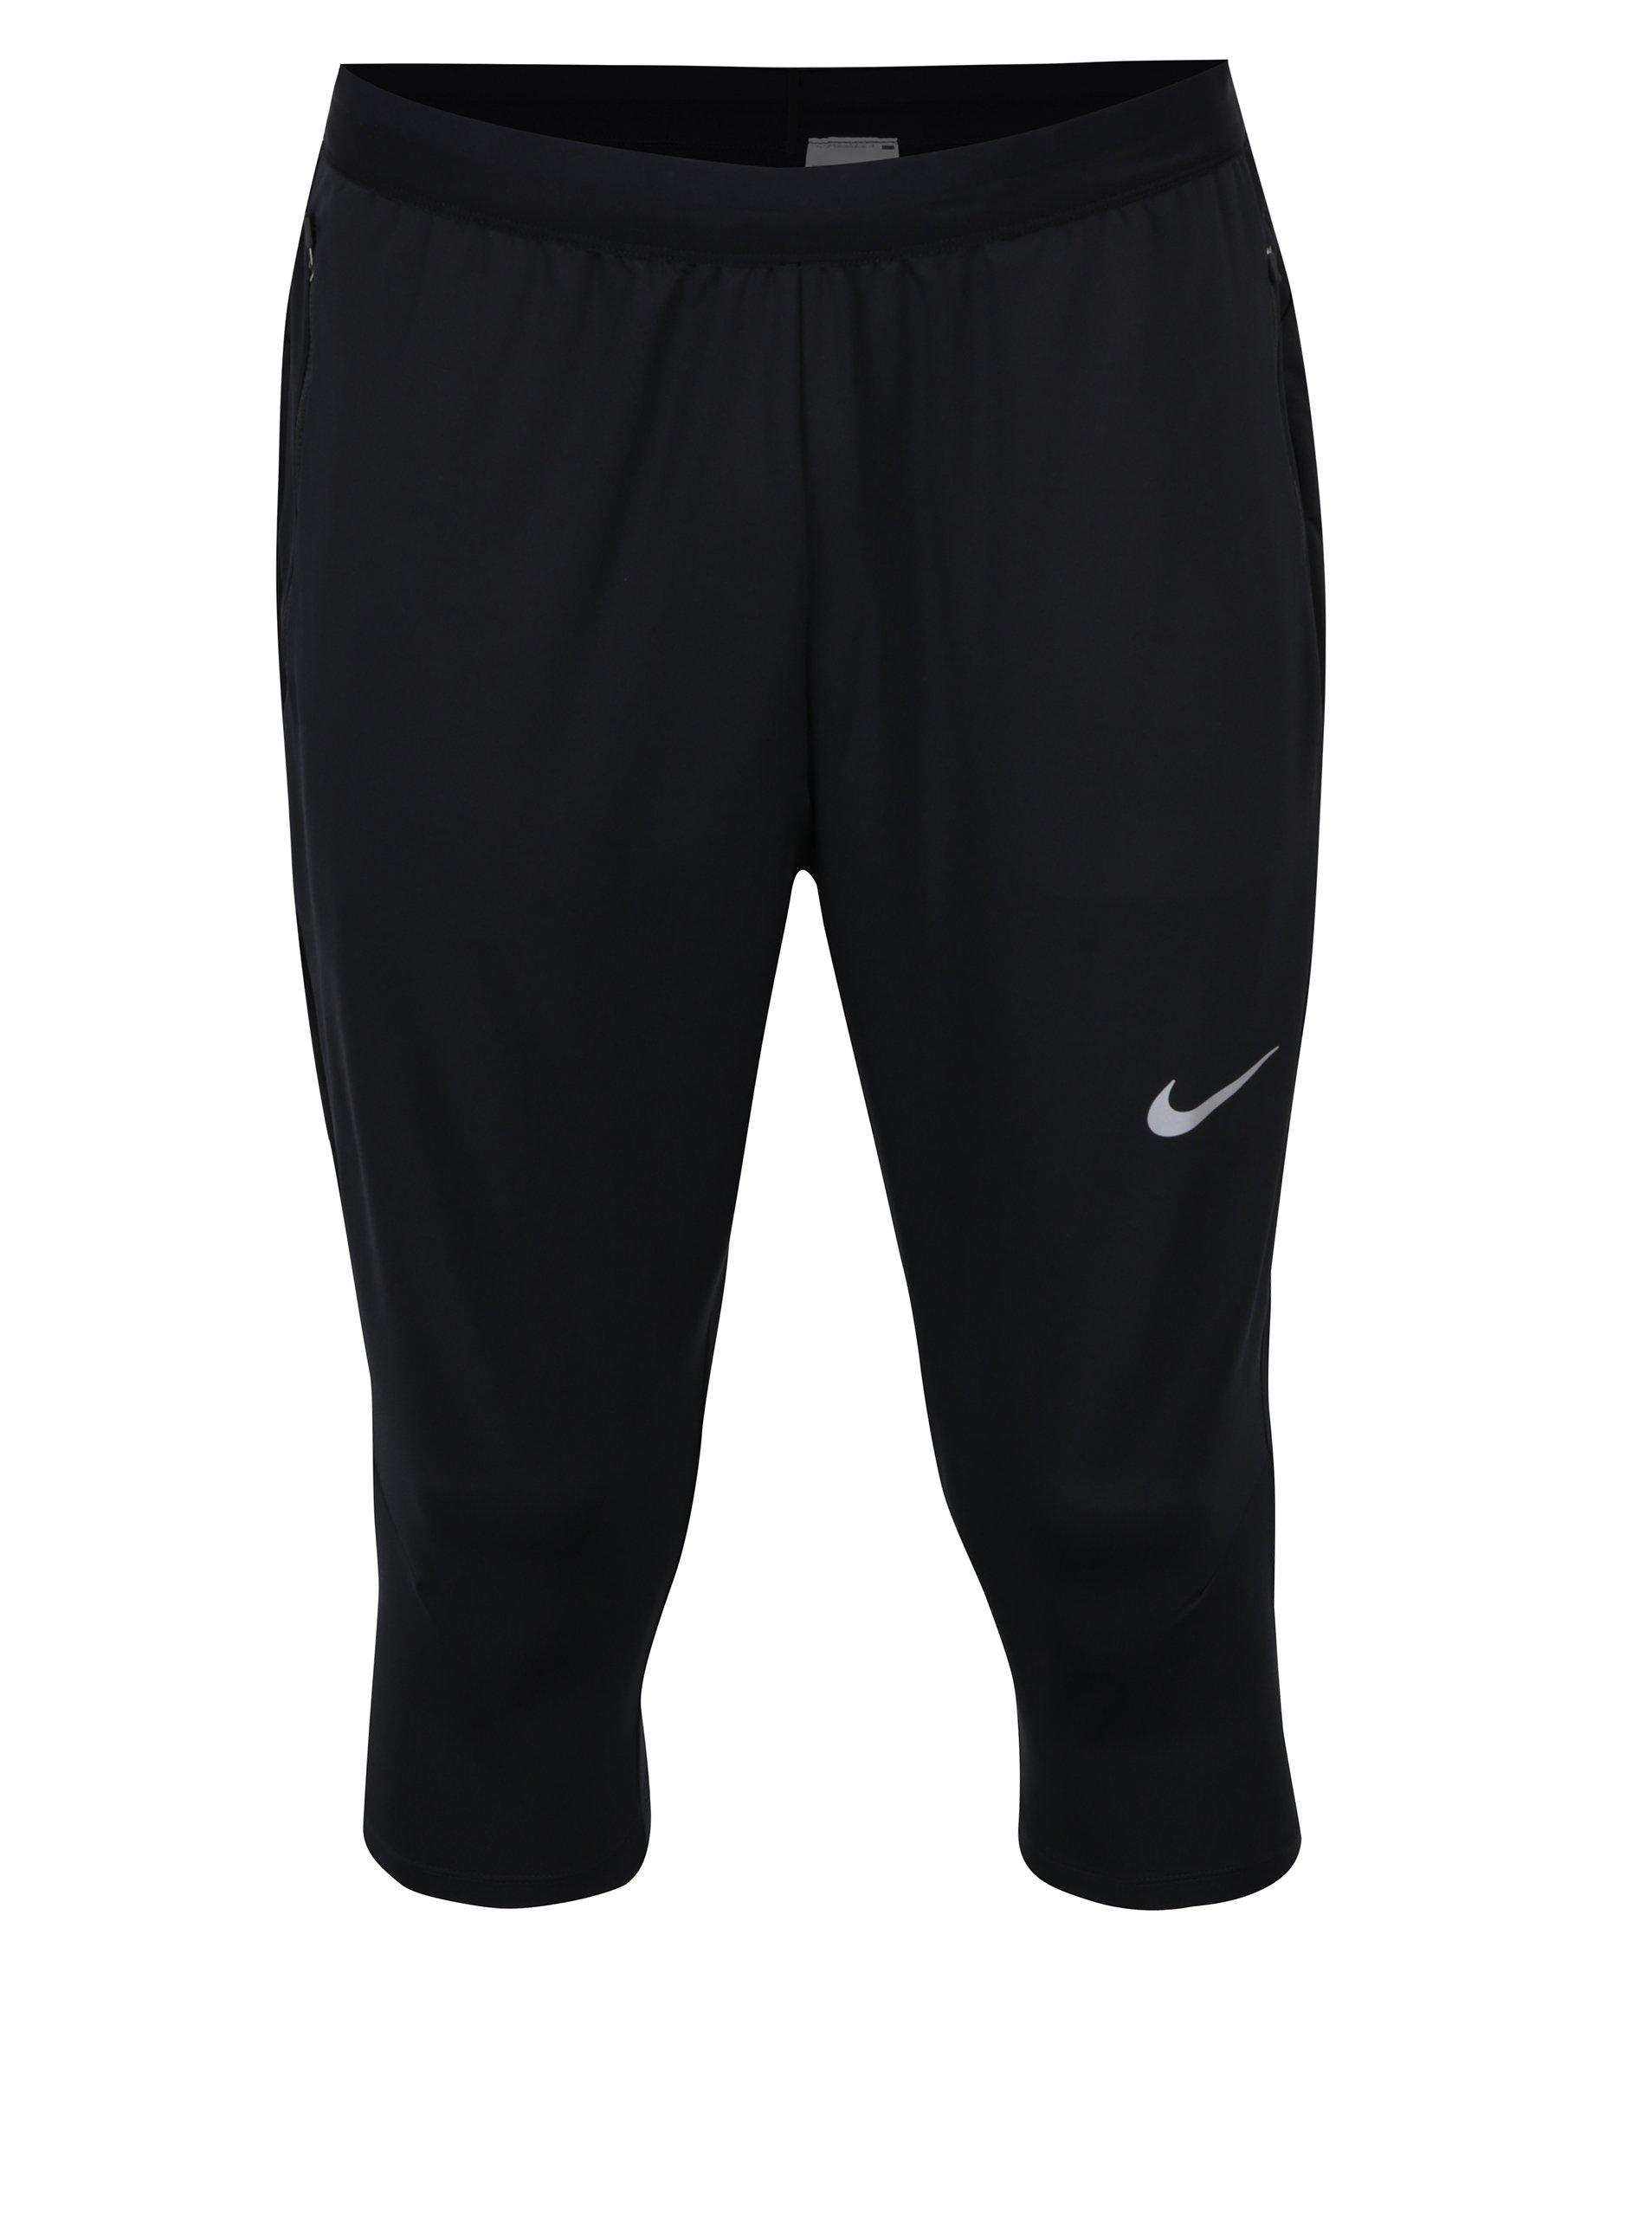 Černé pánské funkční kraťasy Nike Dry